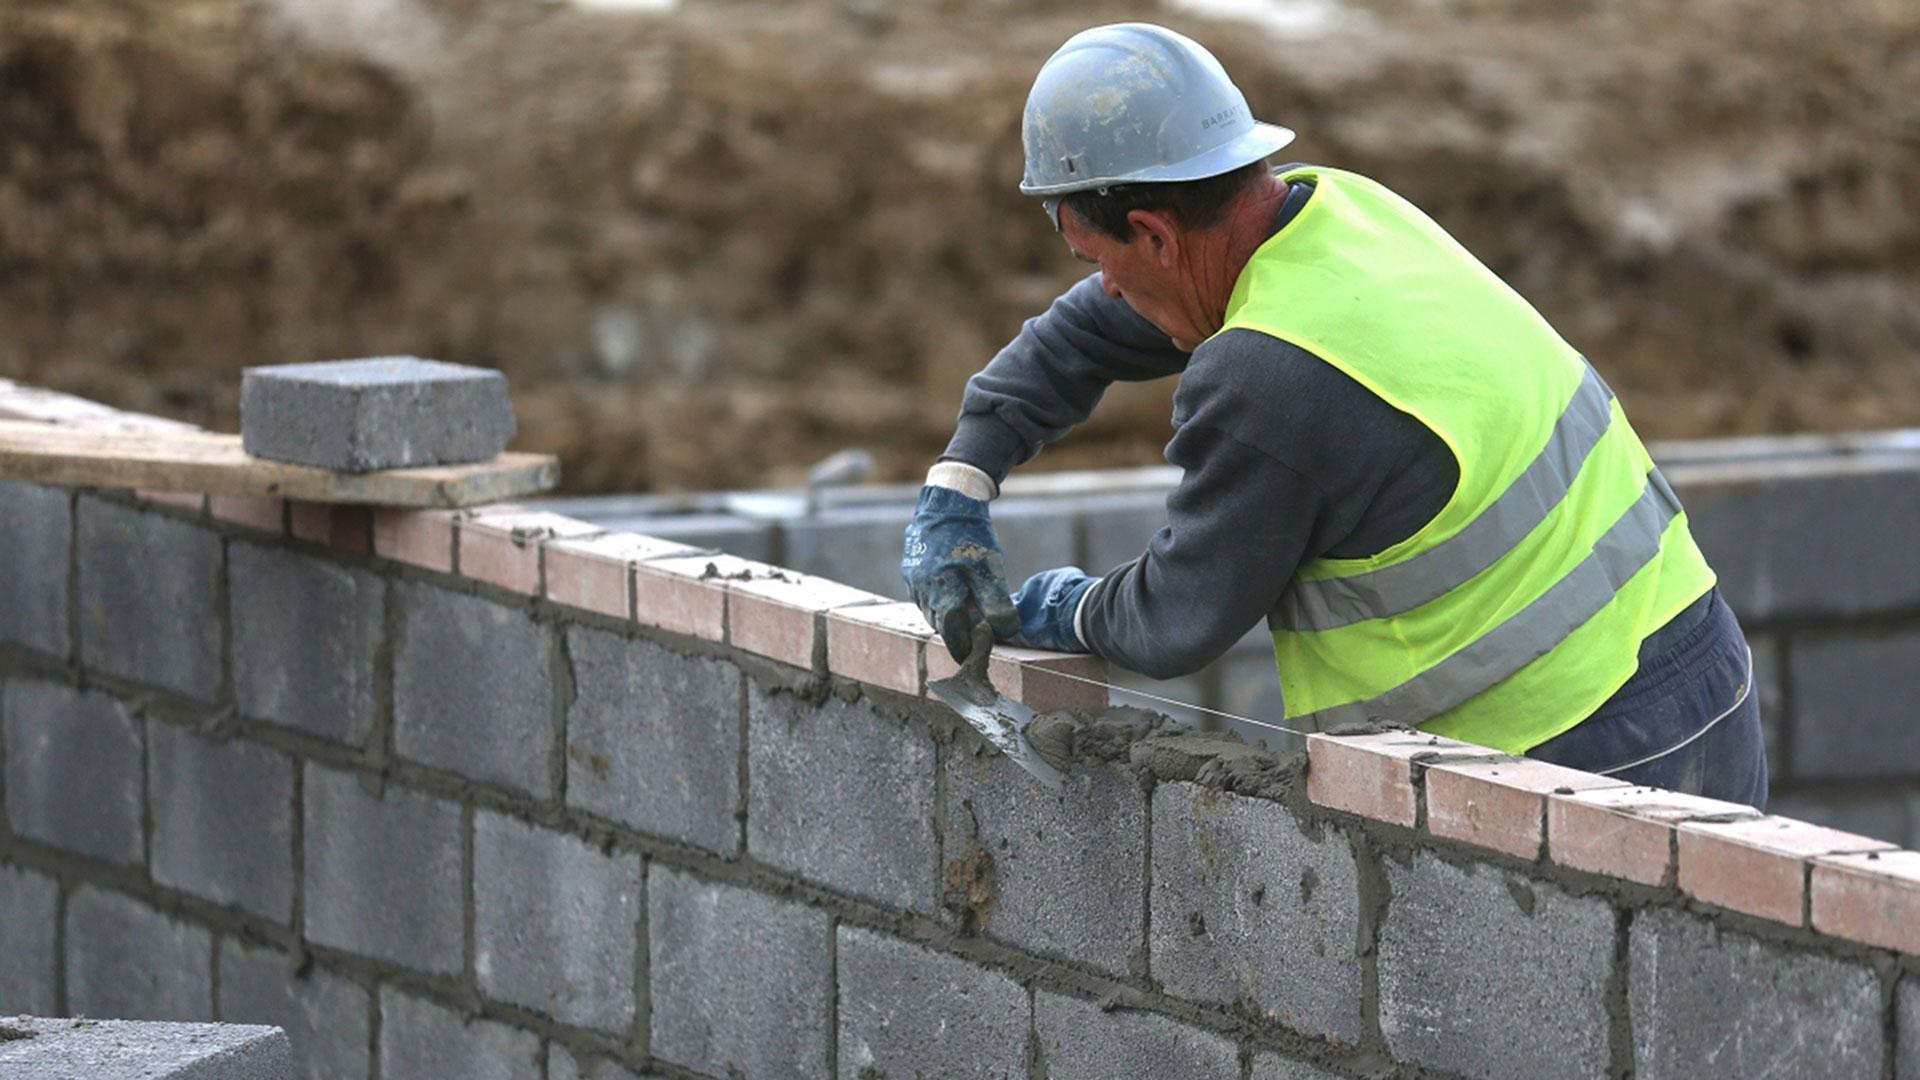 Construção Civil - PLT, Projetos e Levantamentos Topográficos